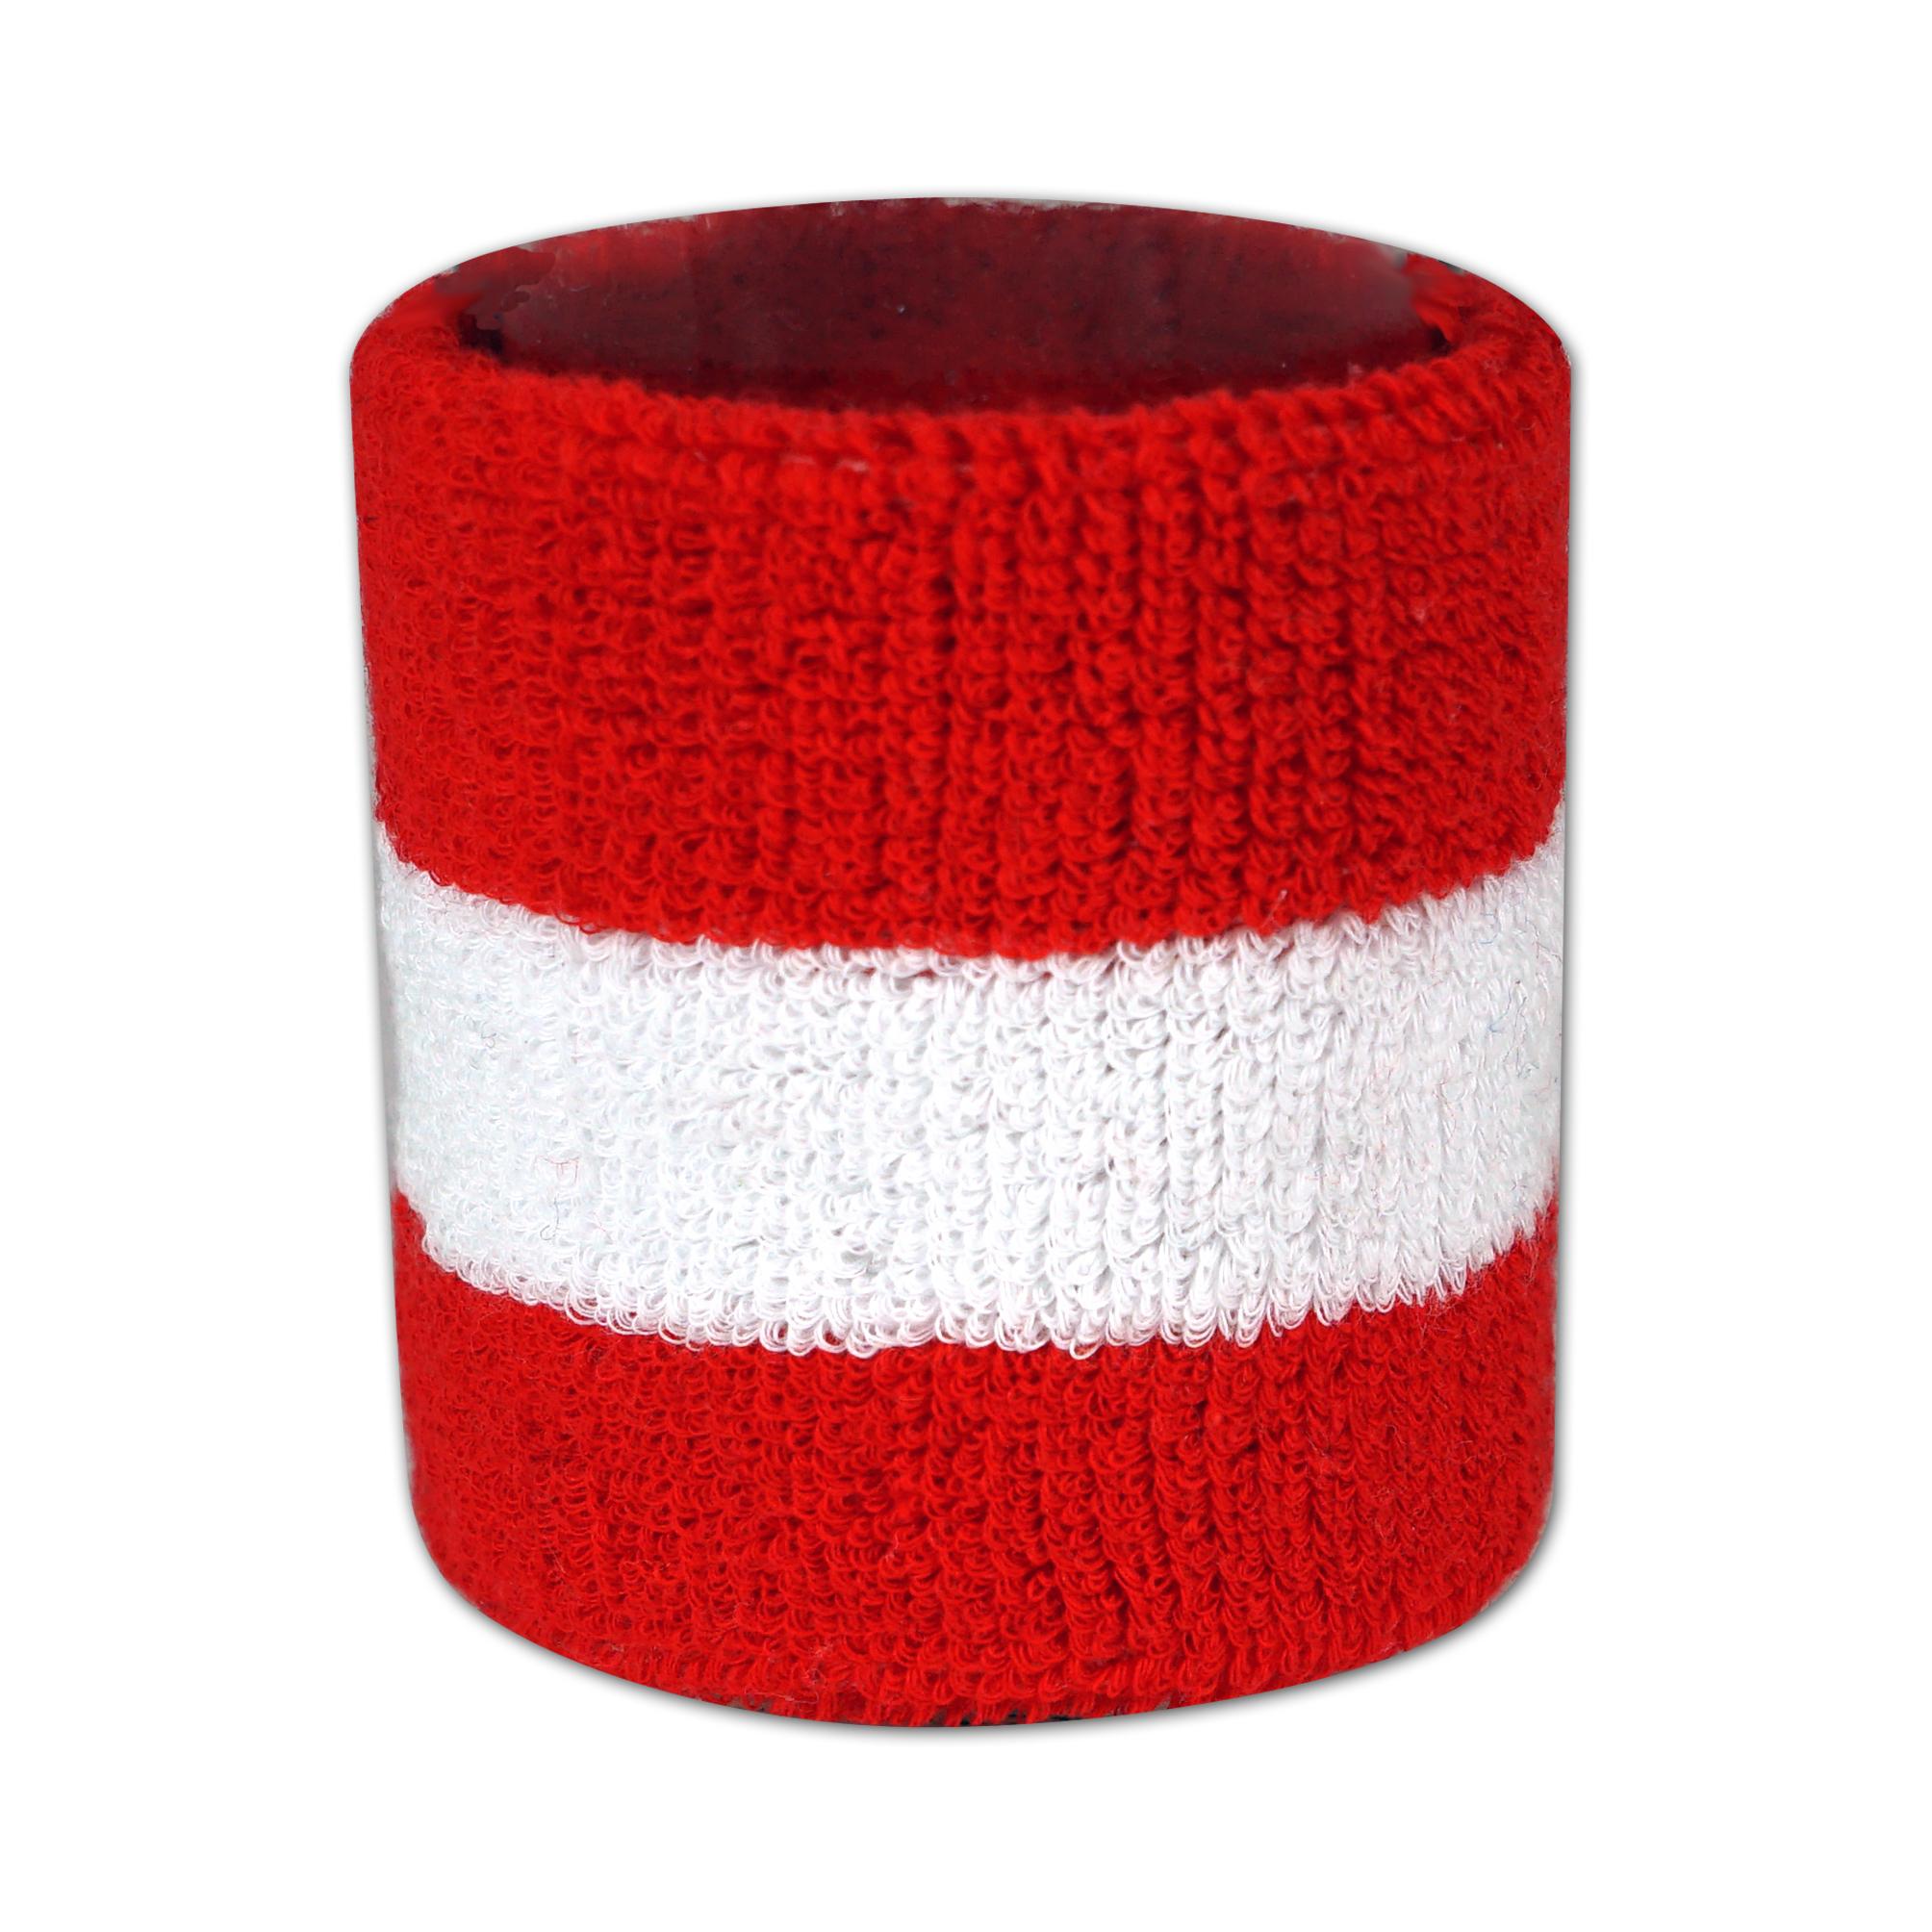 Schweissbänder 2 farbig gewebt in rot und weiß - Nonvision